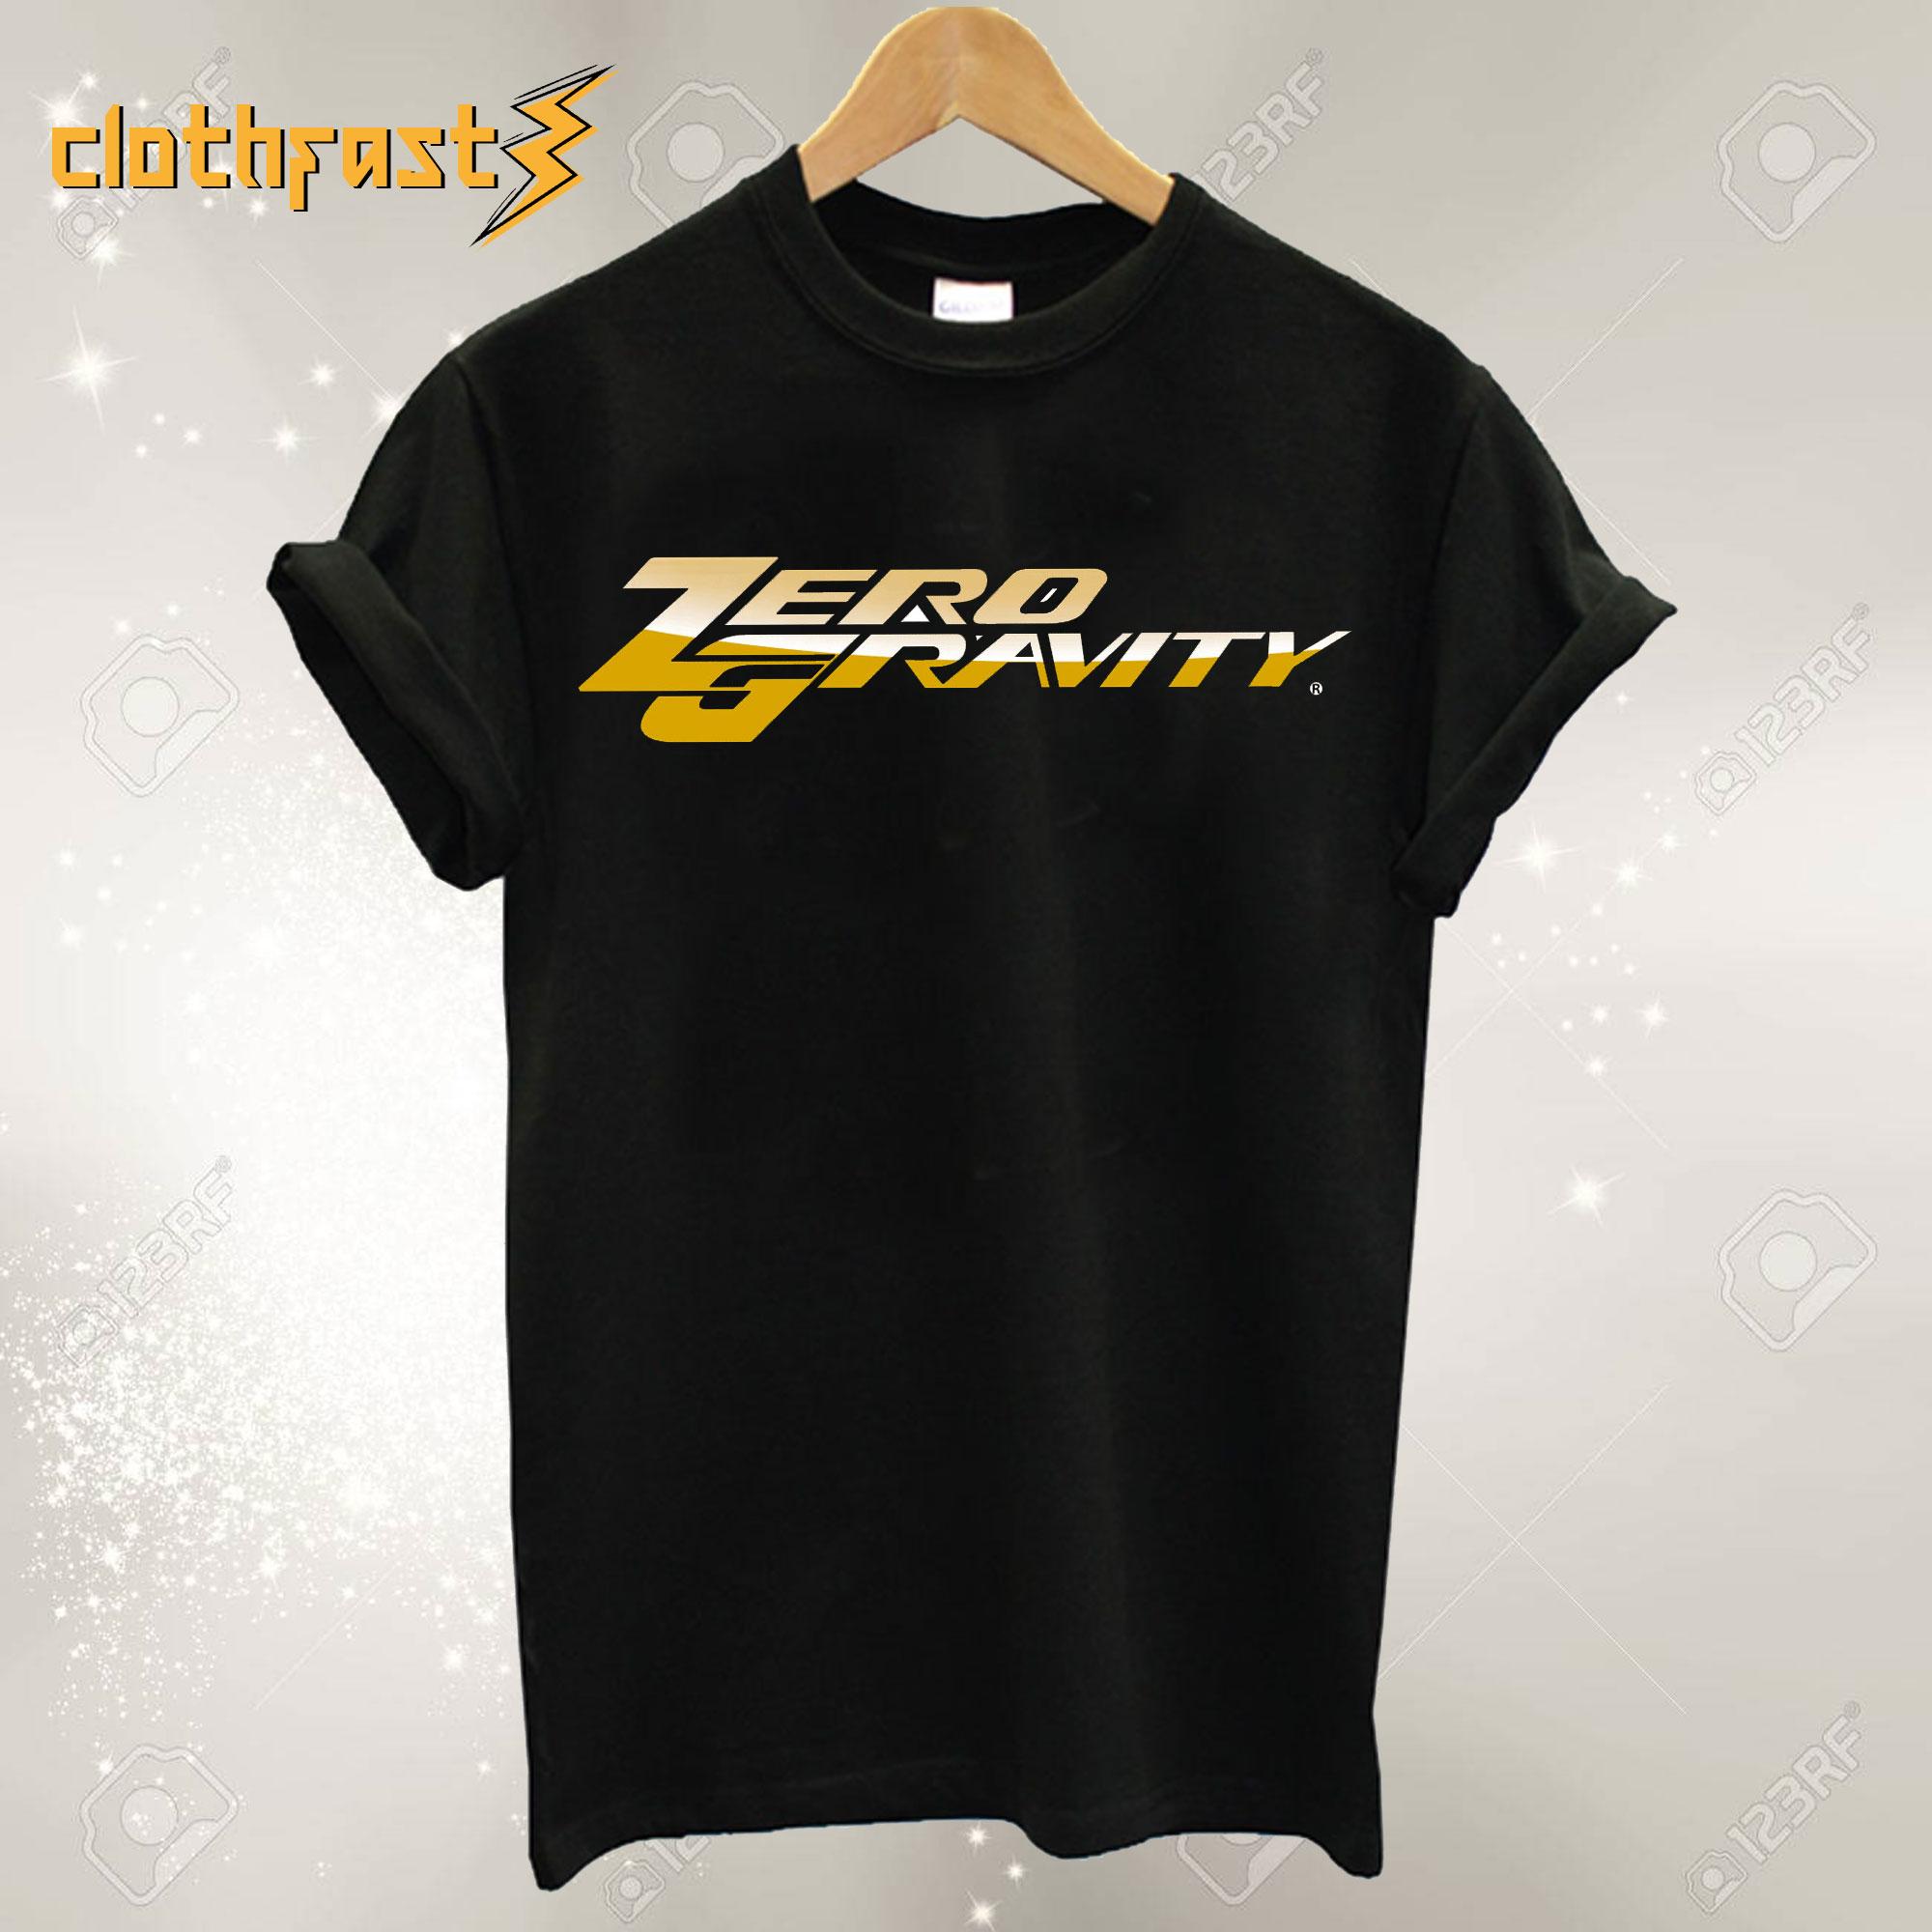 Zero Gravity T shirt